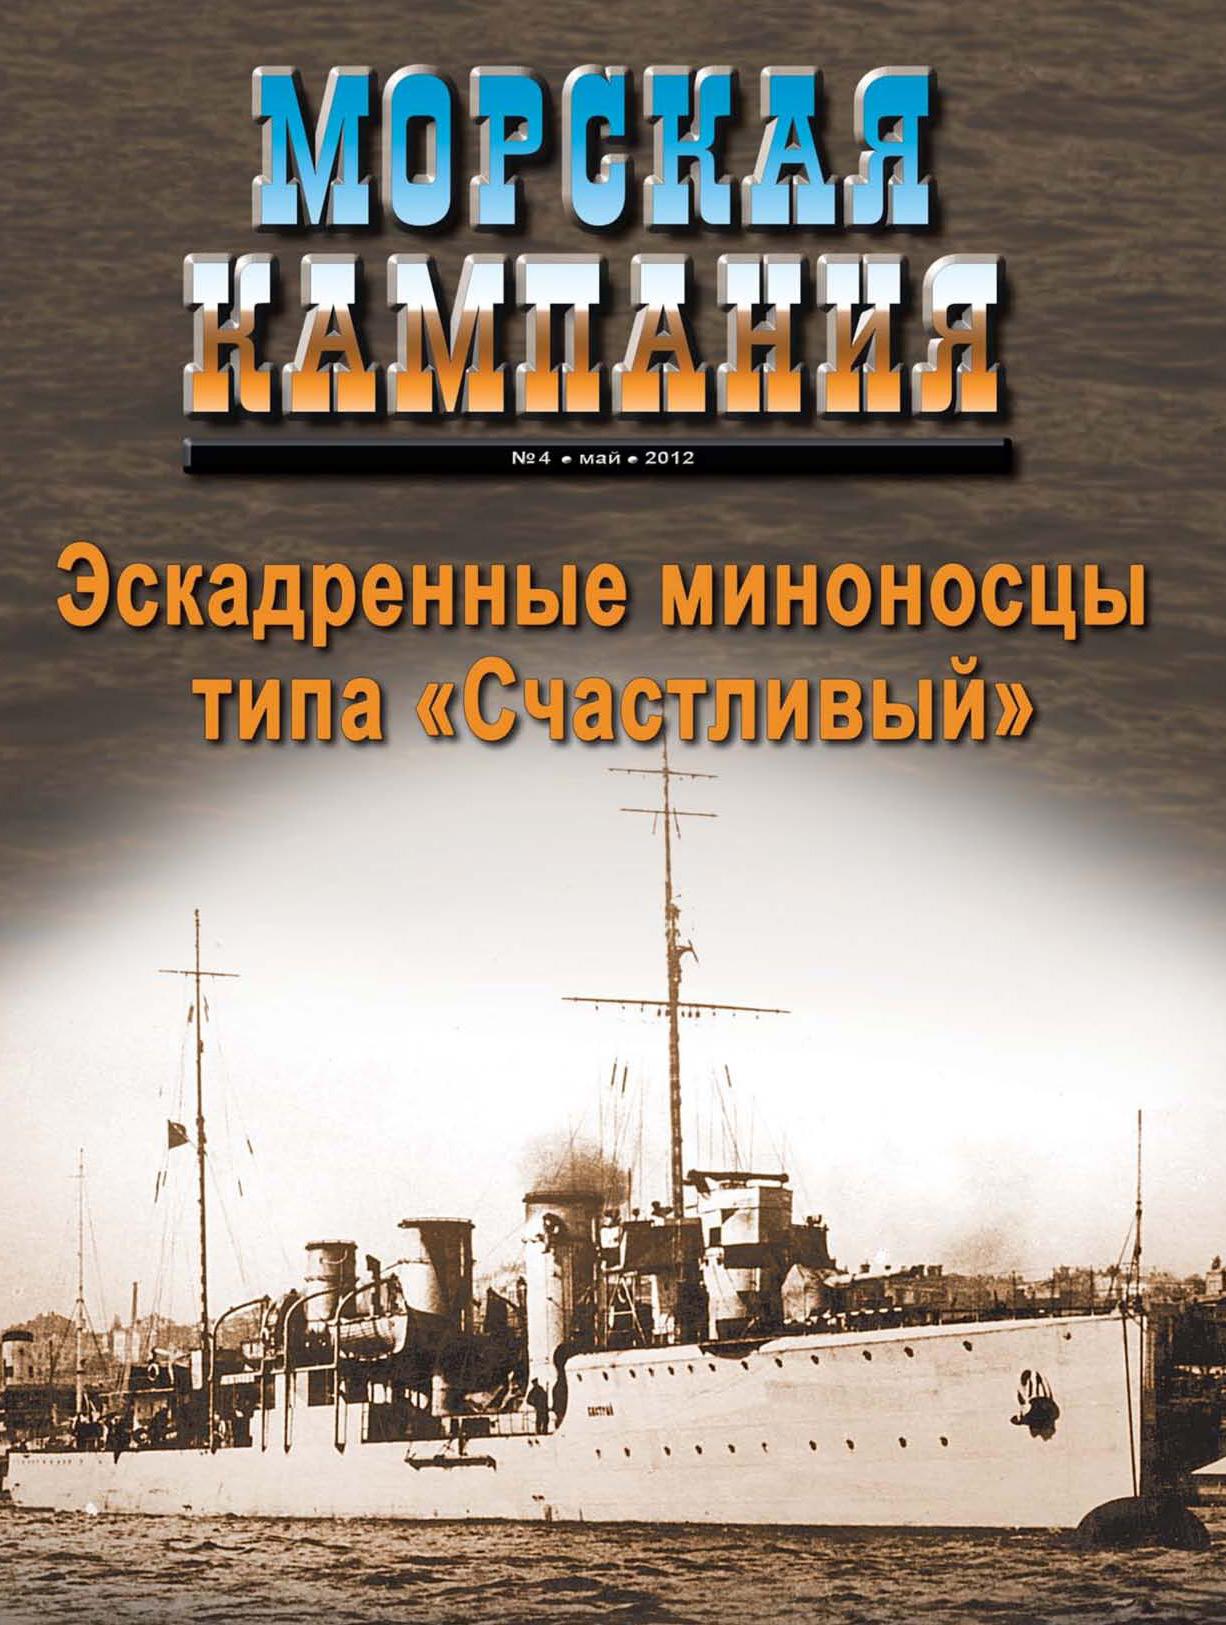 Морская кампания № 04/2012